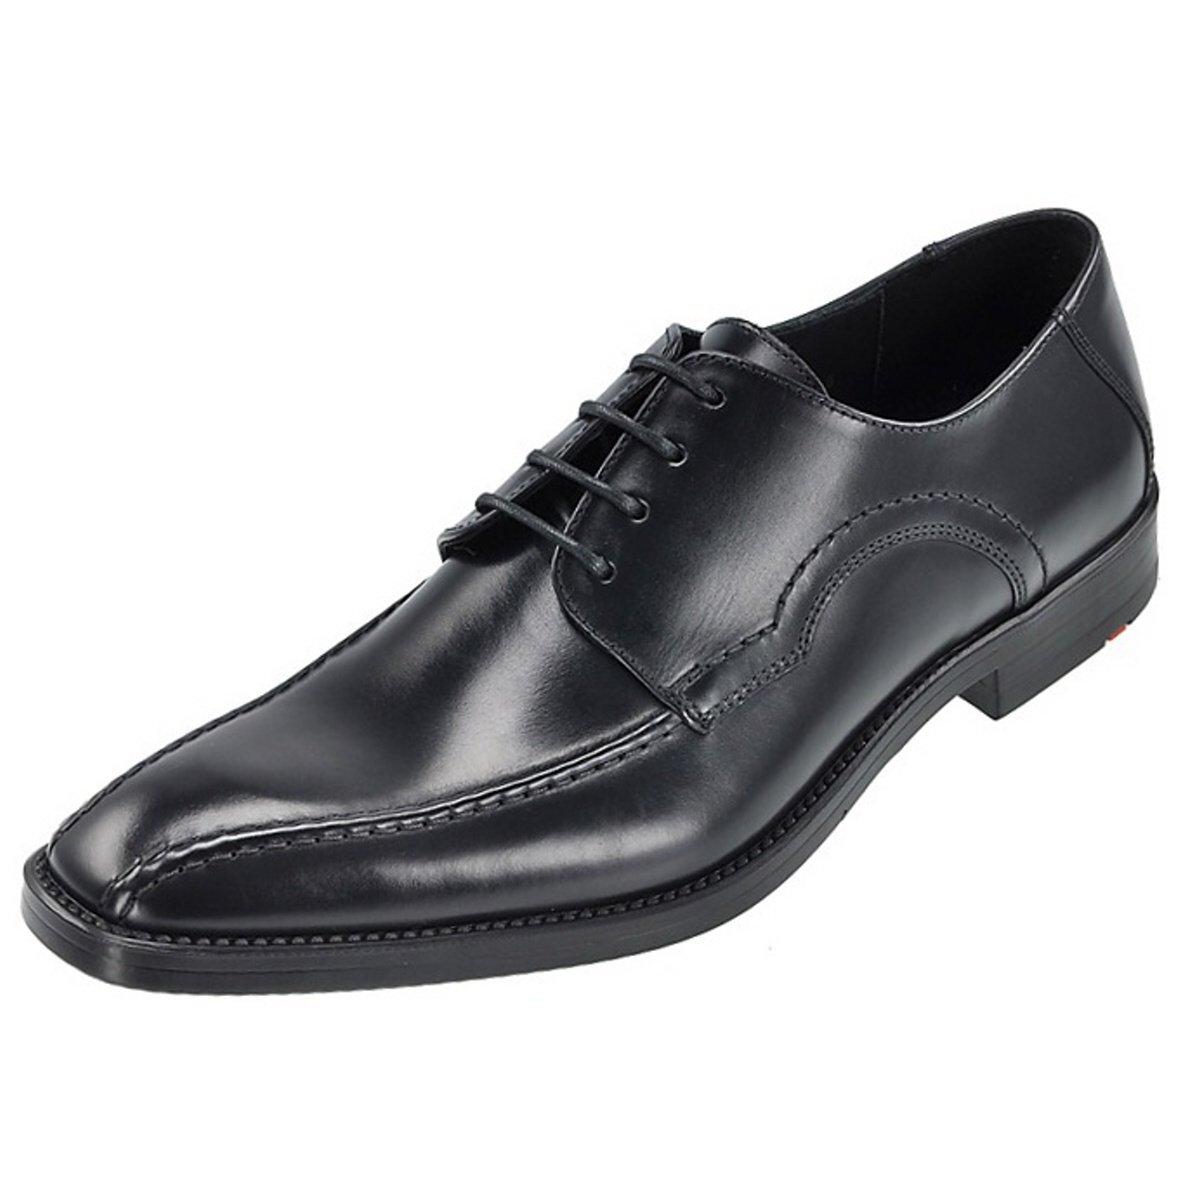 LLoyd Florentino Schnürschuh Business schwarz Schwarz Doppelnaht Schwarz schwarz 049c30